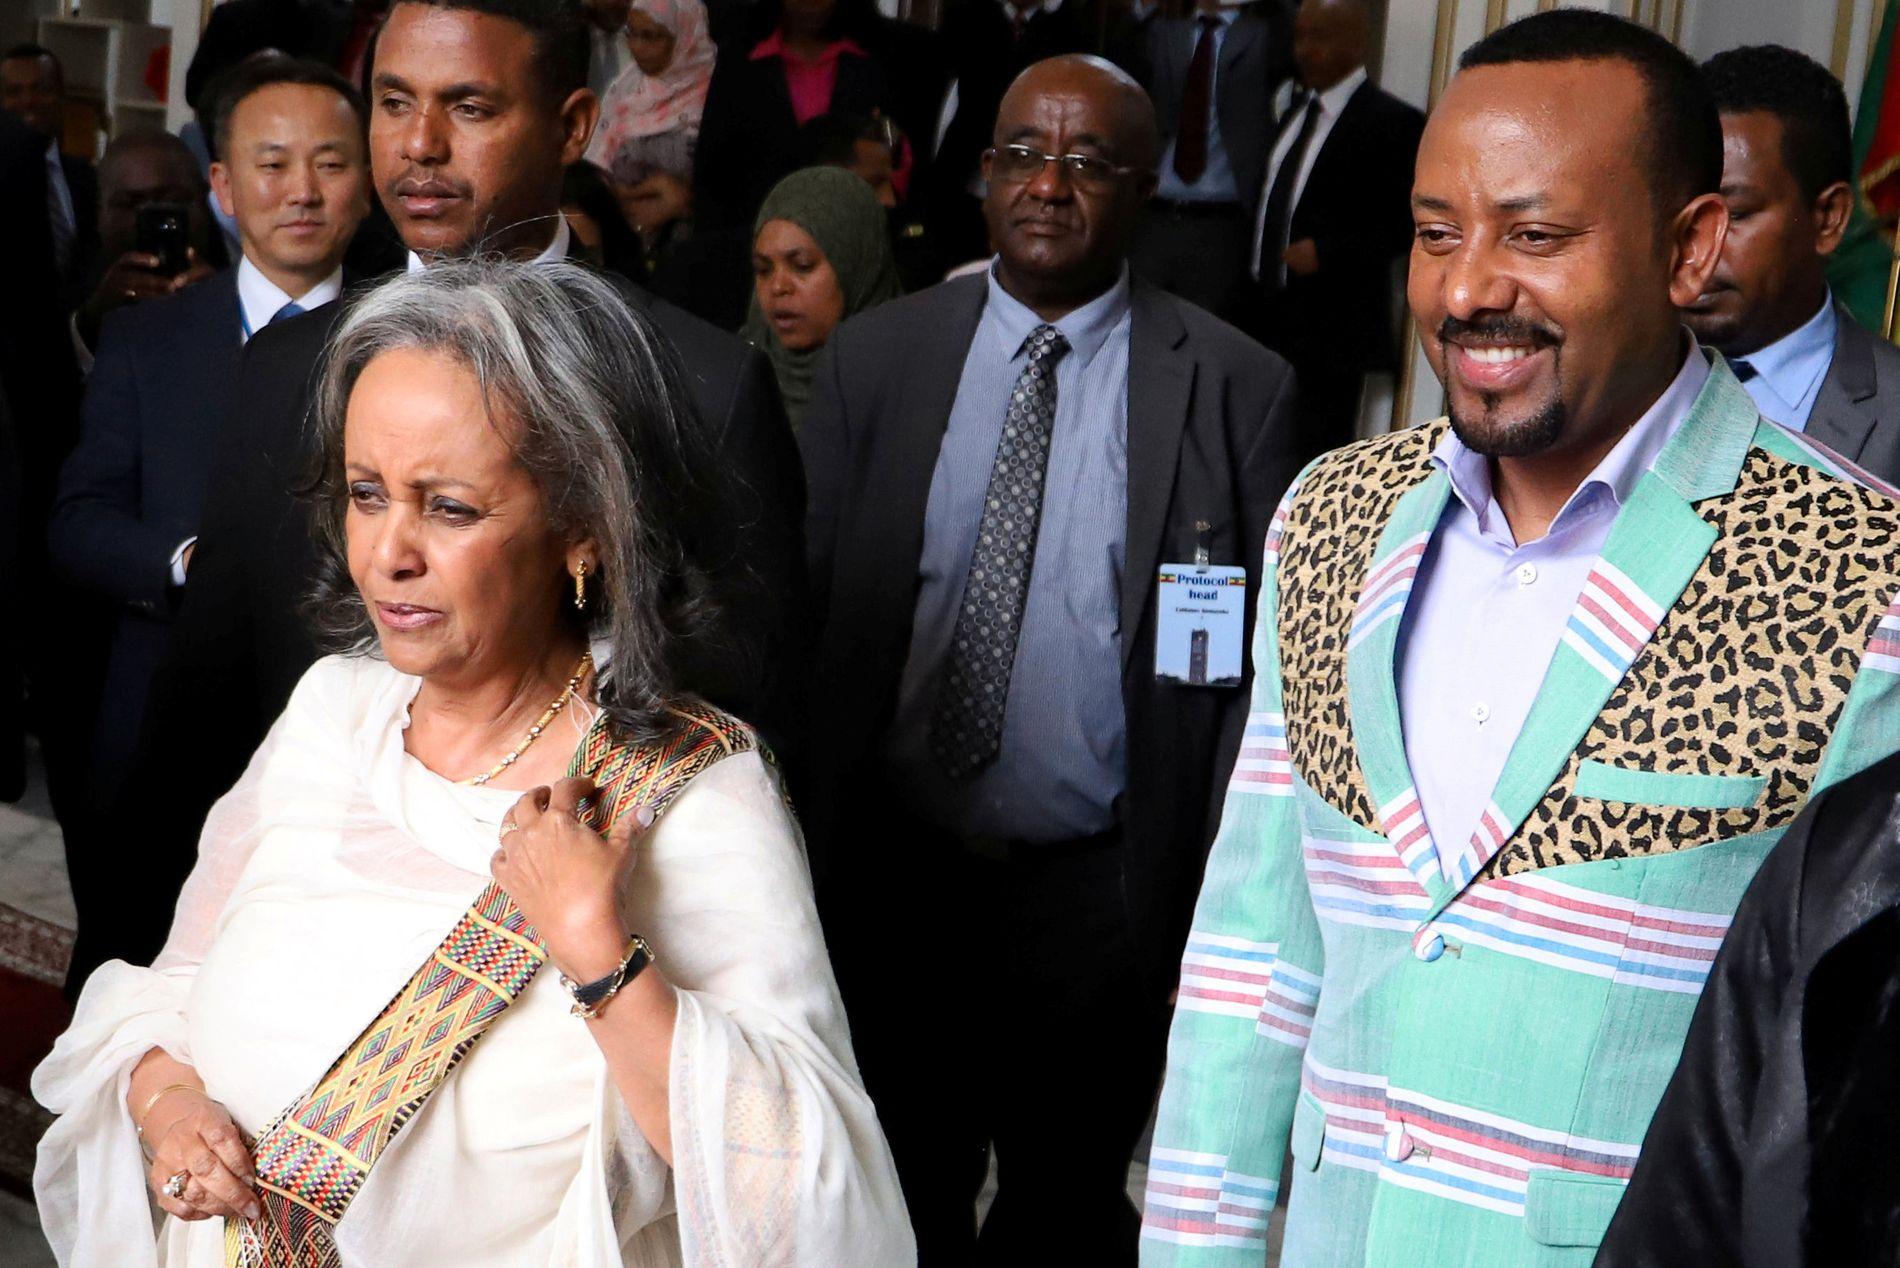 IMPONERENDE: Etiopia har hatt en gjennomsnittlig årlig vekst på imponerende ti prosent de siste ti årene, skriver Jens Frølich Holte i UD. Statsminister Abiy Ahmed har lansert en rekke reformer, og i hans regjering er halvparten kvinner.